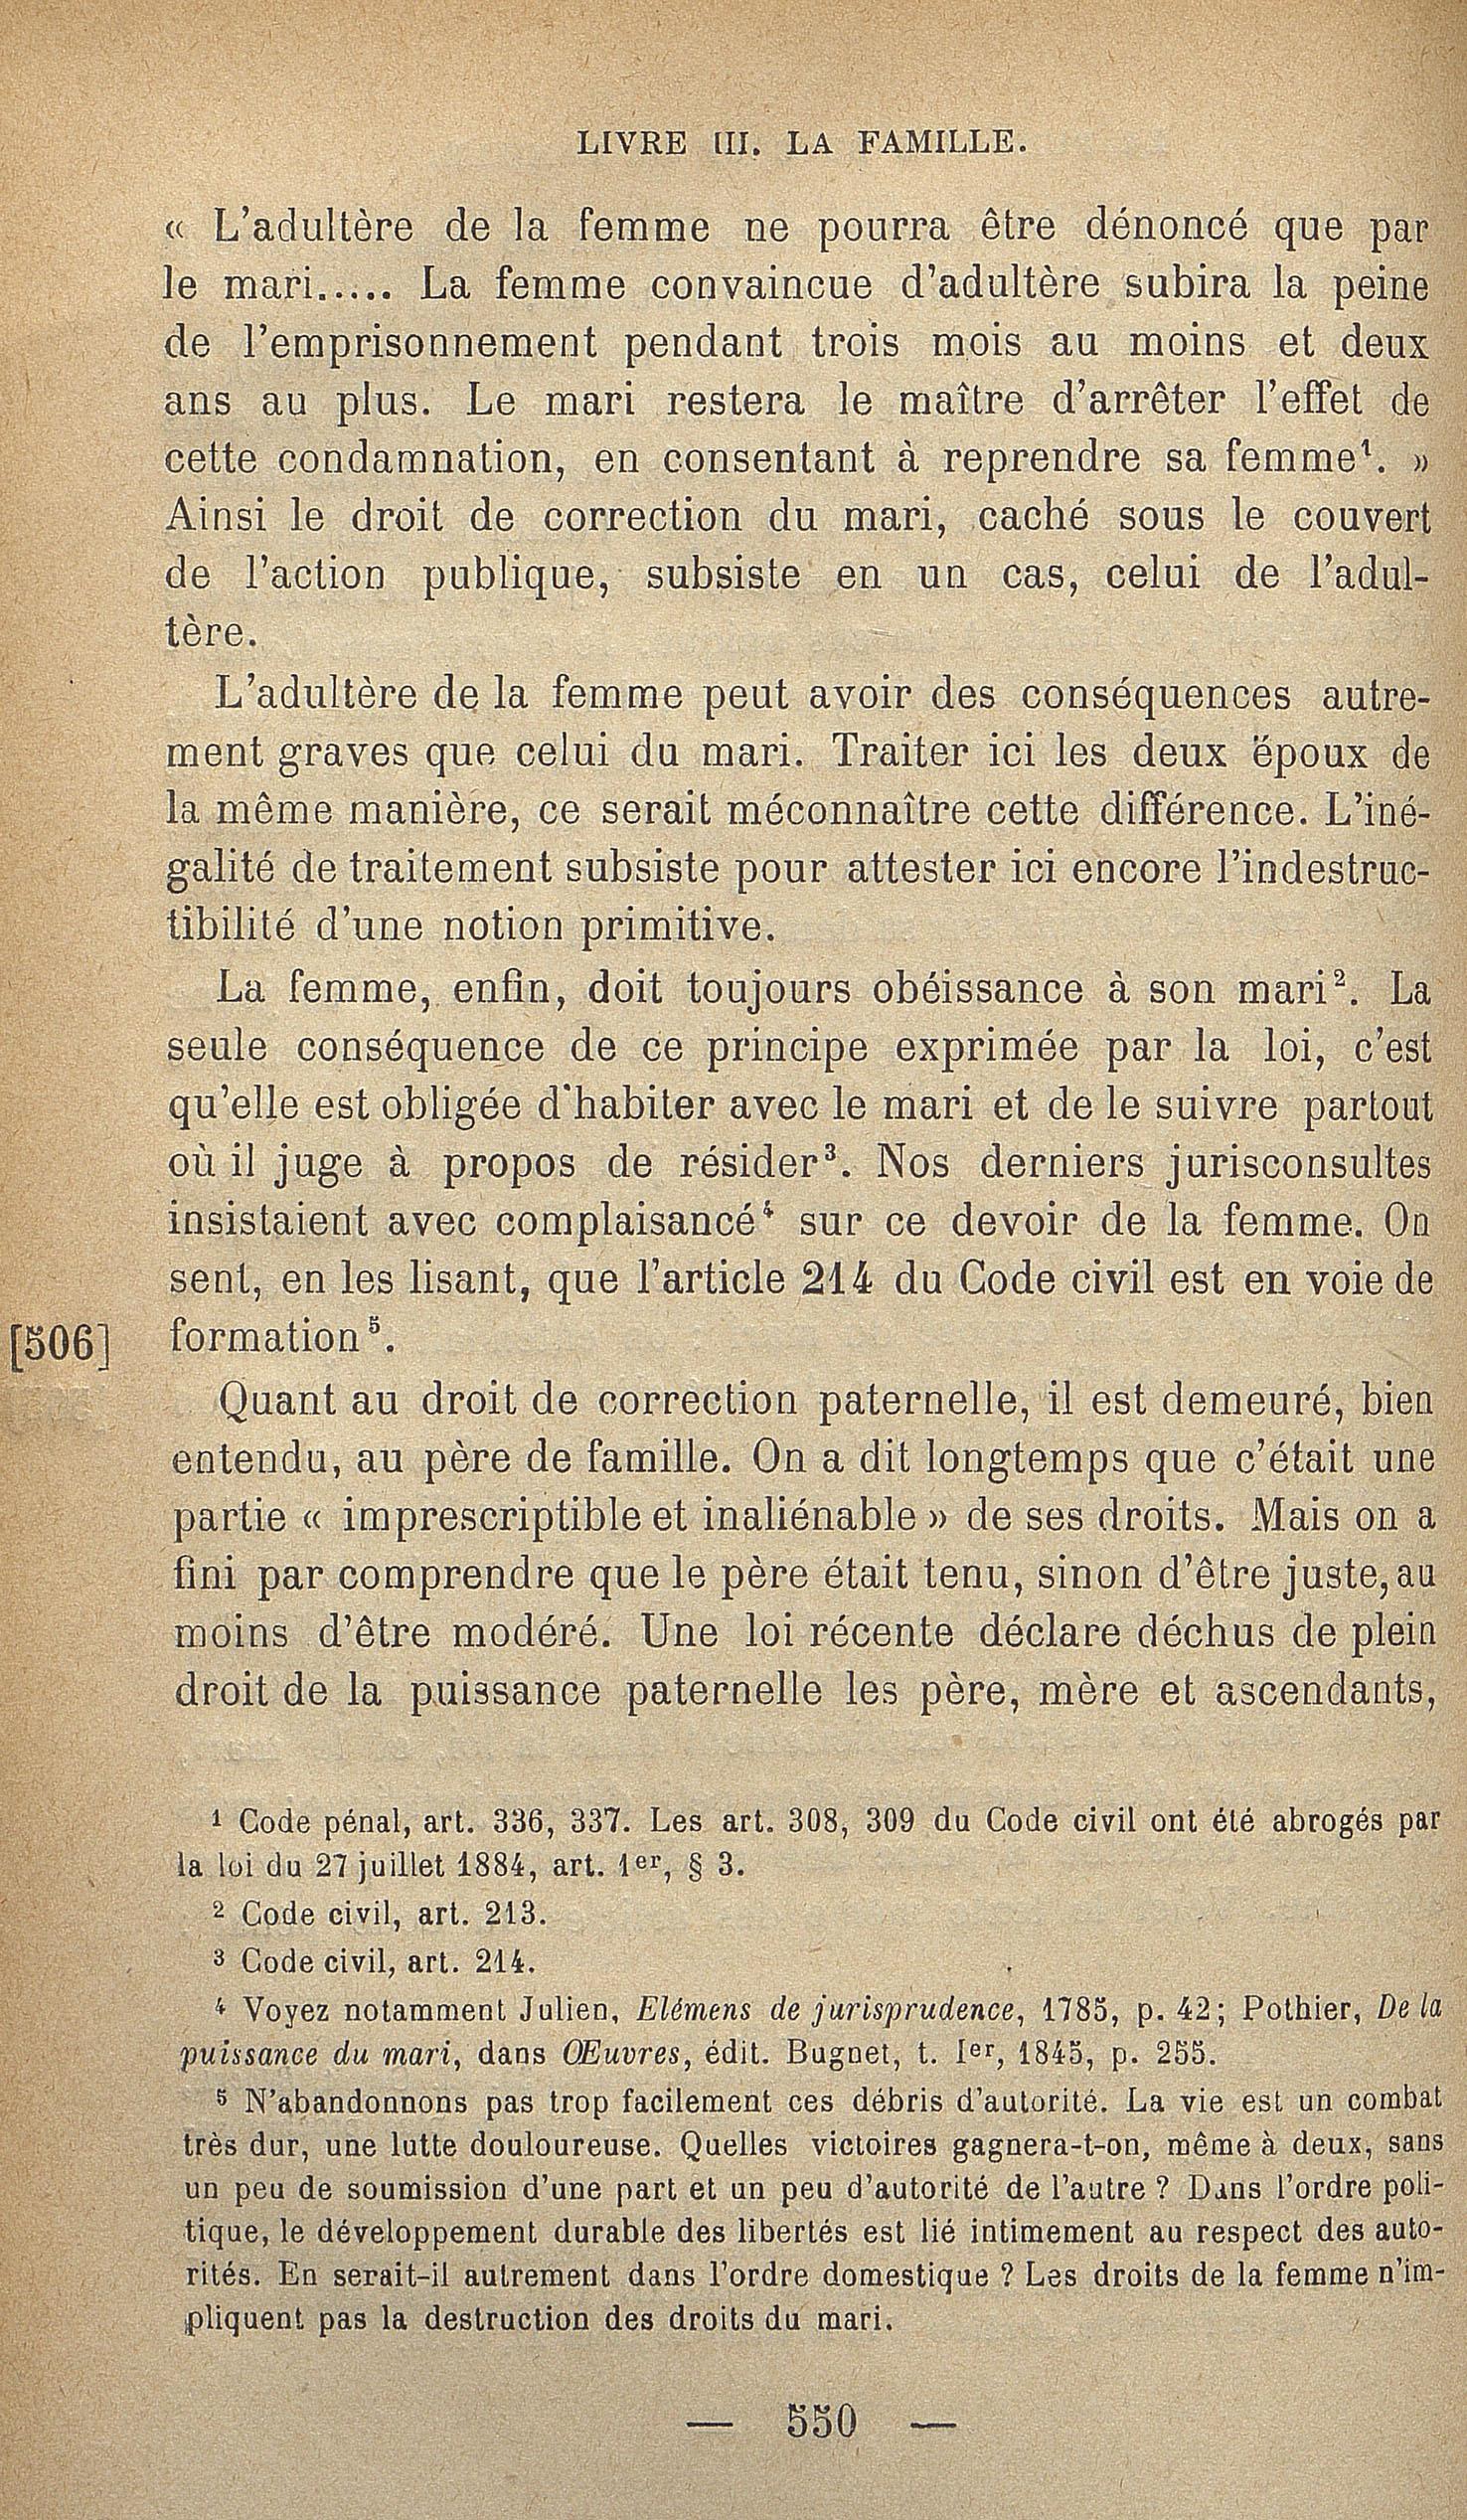 http://expo-paulviollet.univ-paris1.fr/wp-content/uploads/2016/02/0605121670_0560.jpg